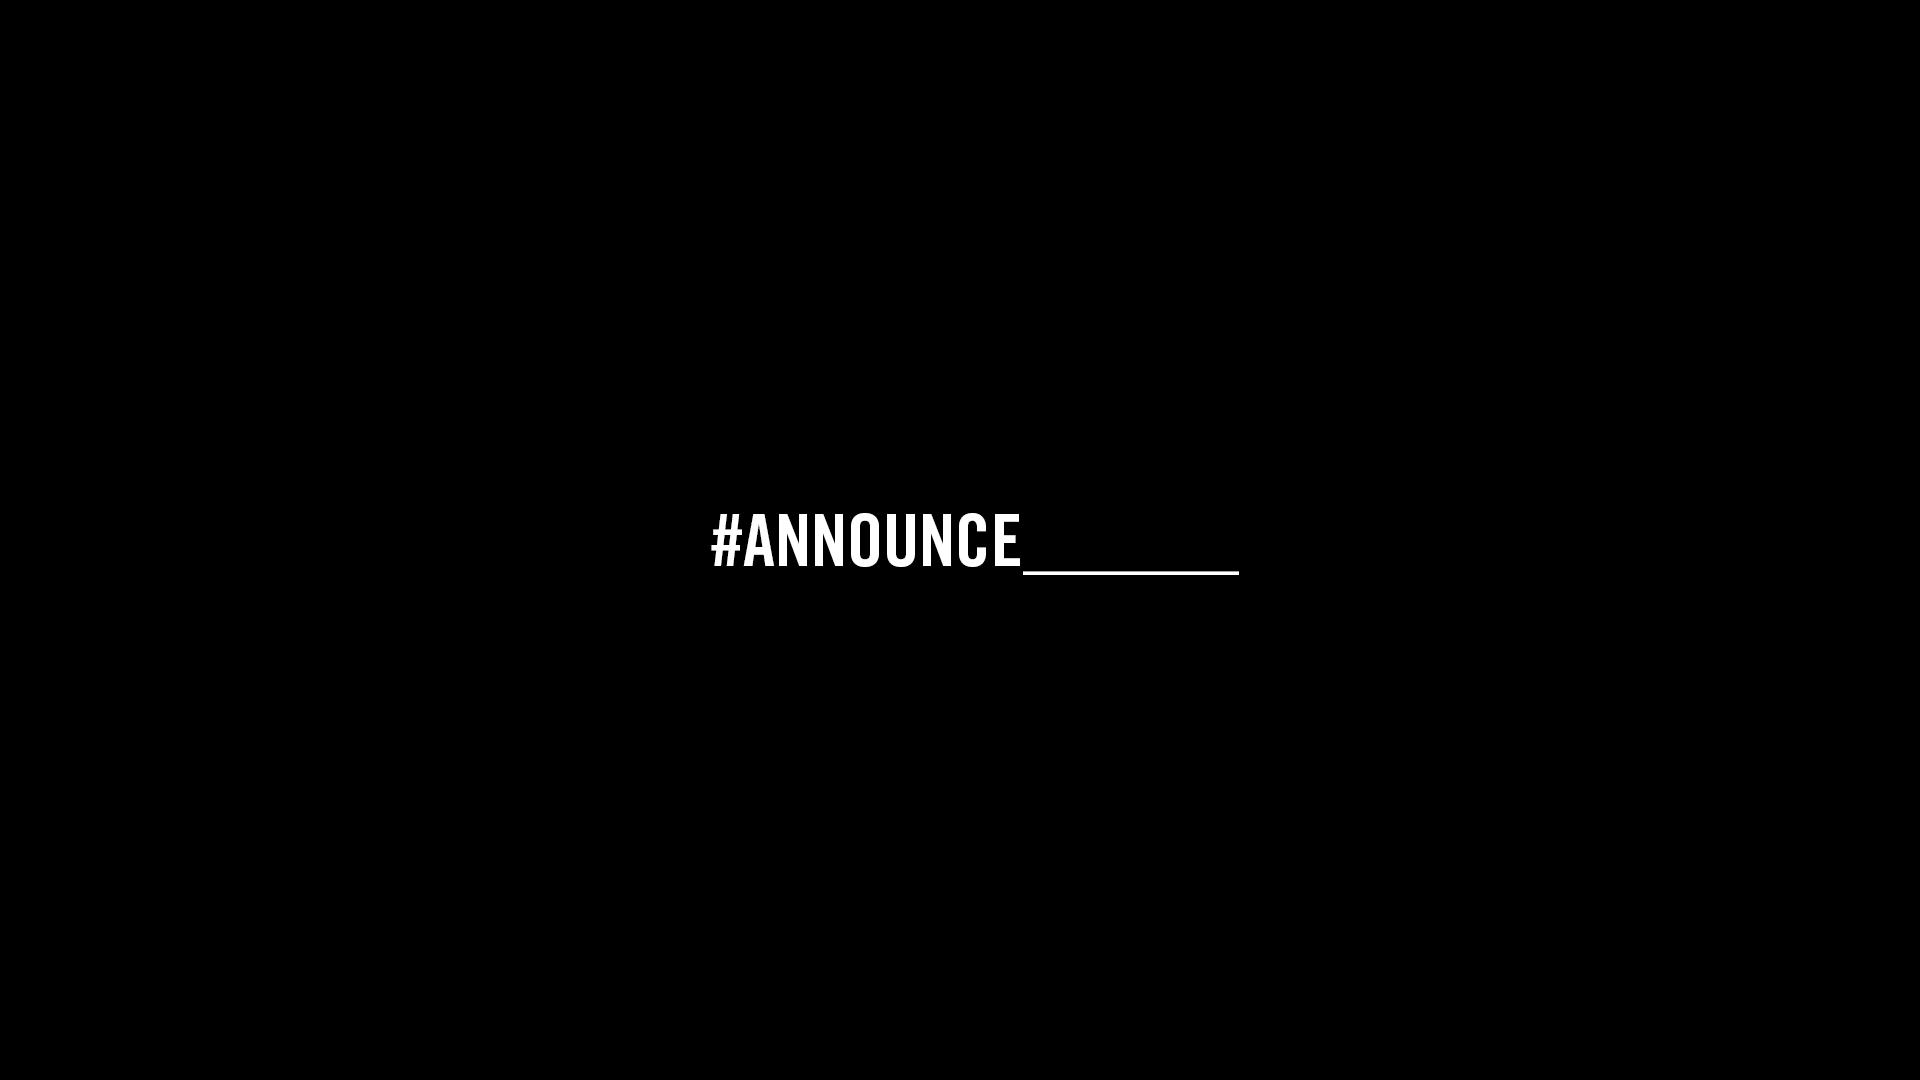 Announce Blank